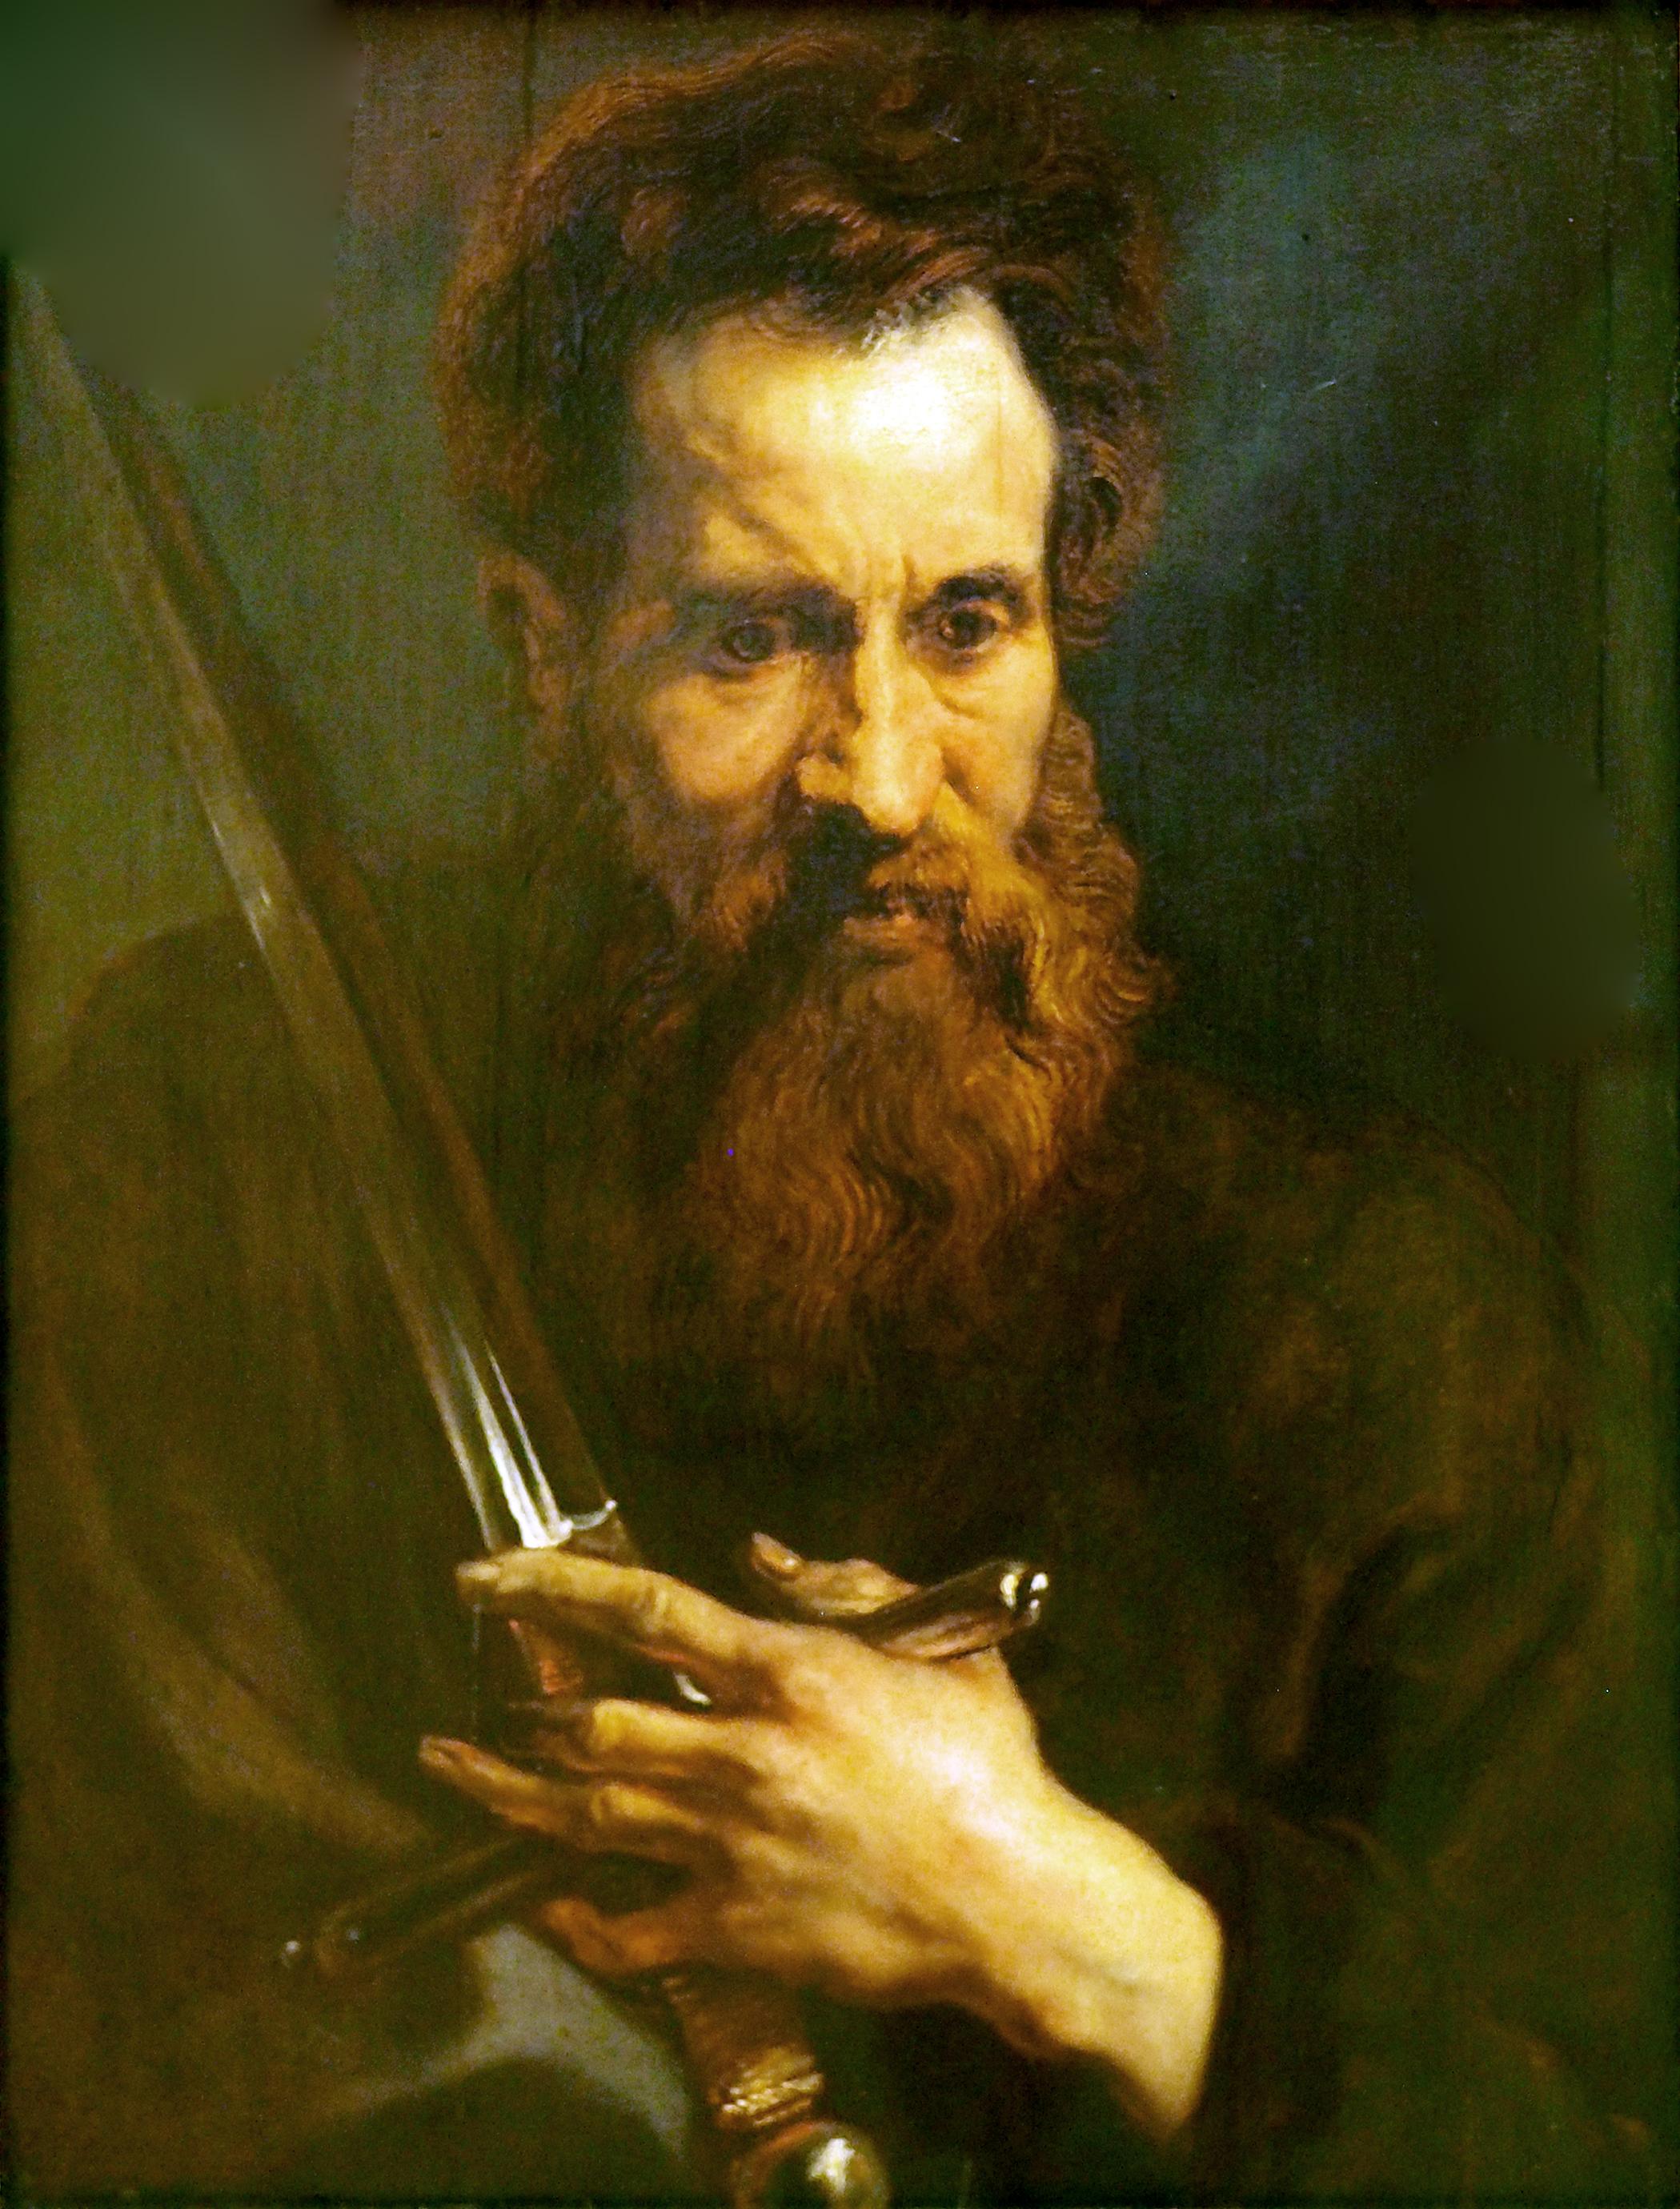 apostel paulus gemlde von anthonis van dyck etwa 16181620 - Paulus Lebenslauf